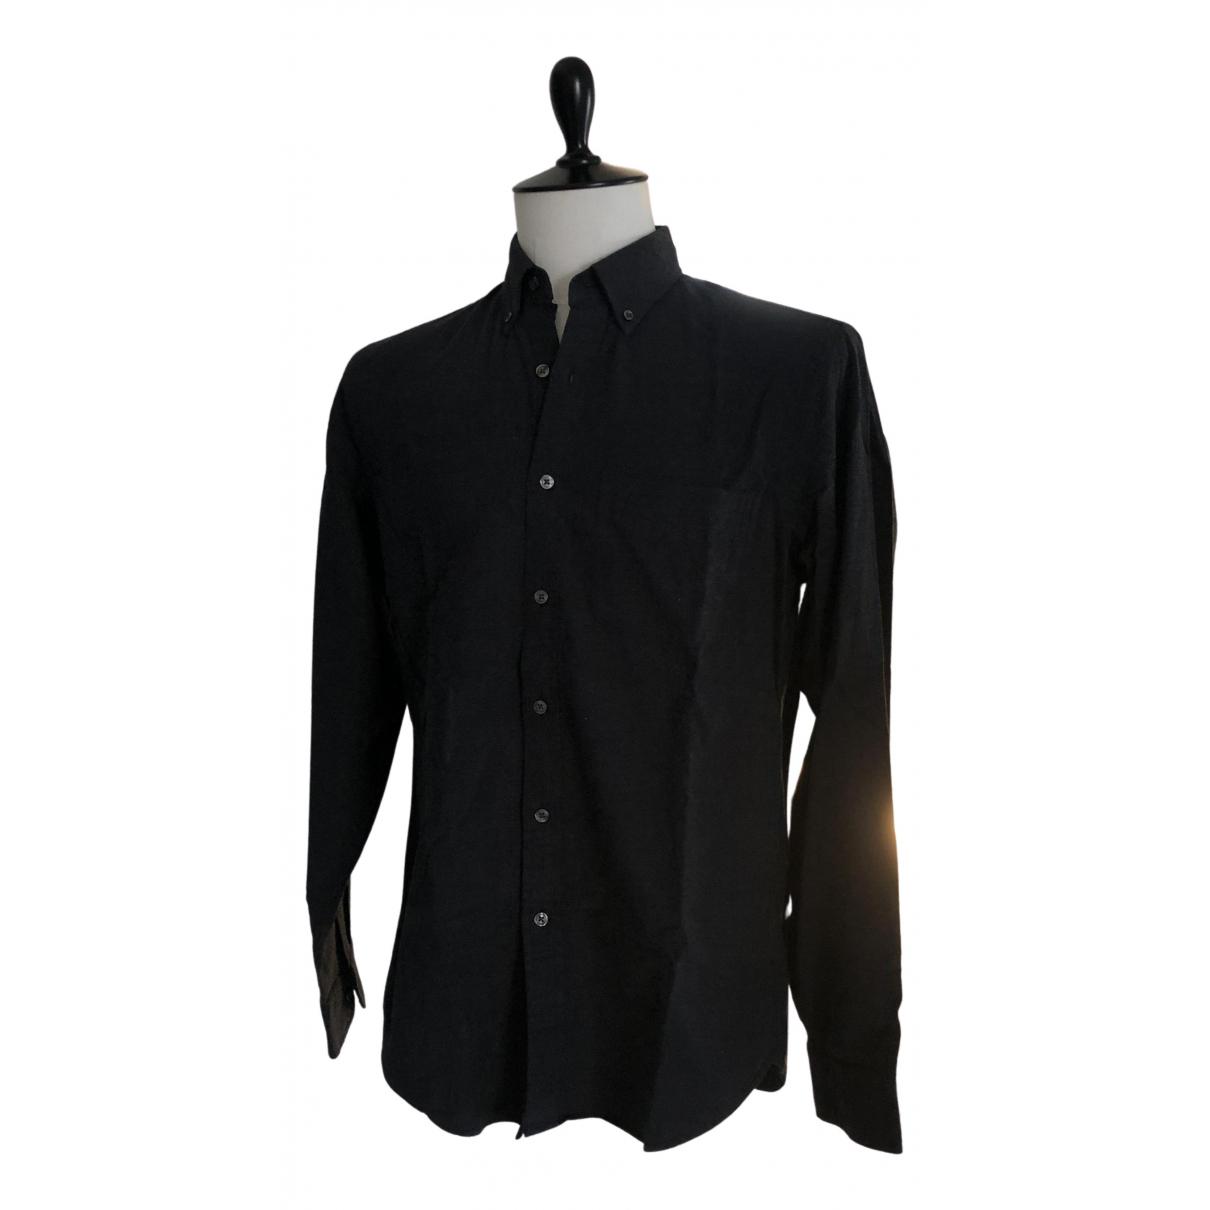 J.crew - Chemises   pour homme en coton - anthracite